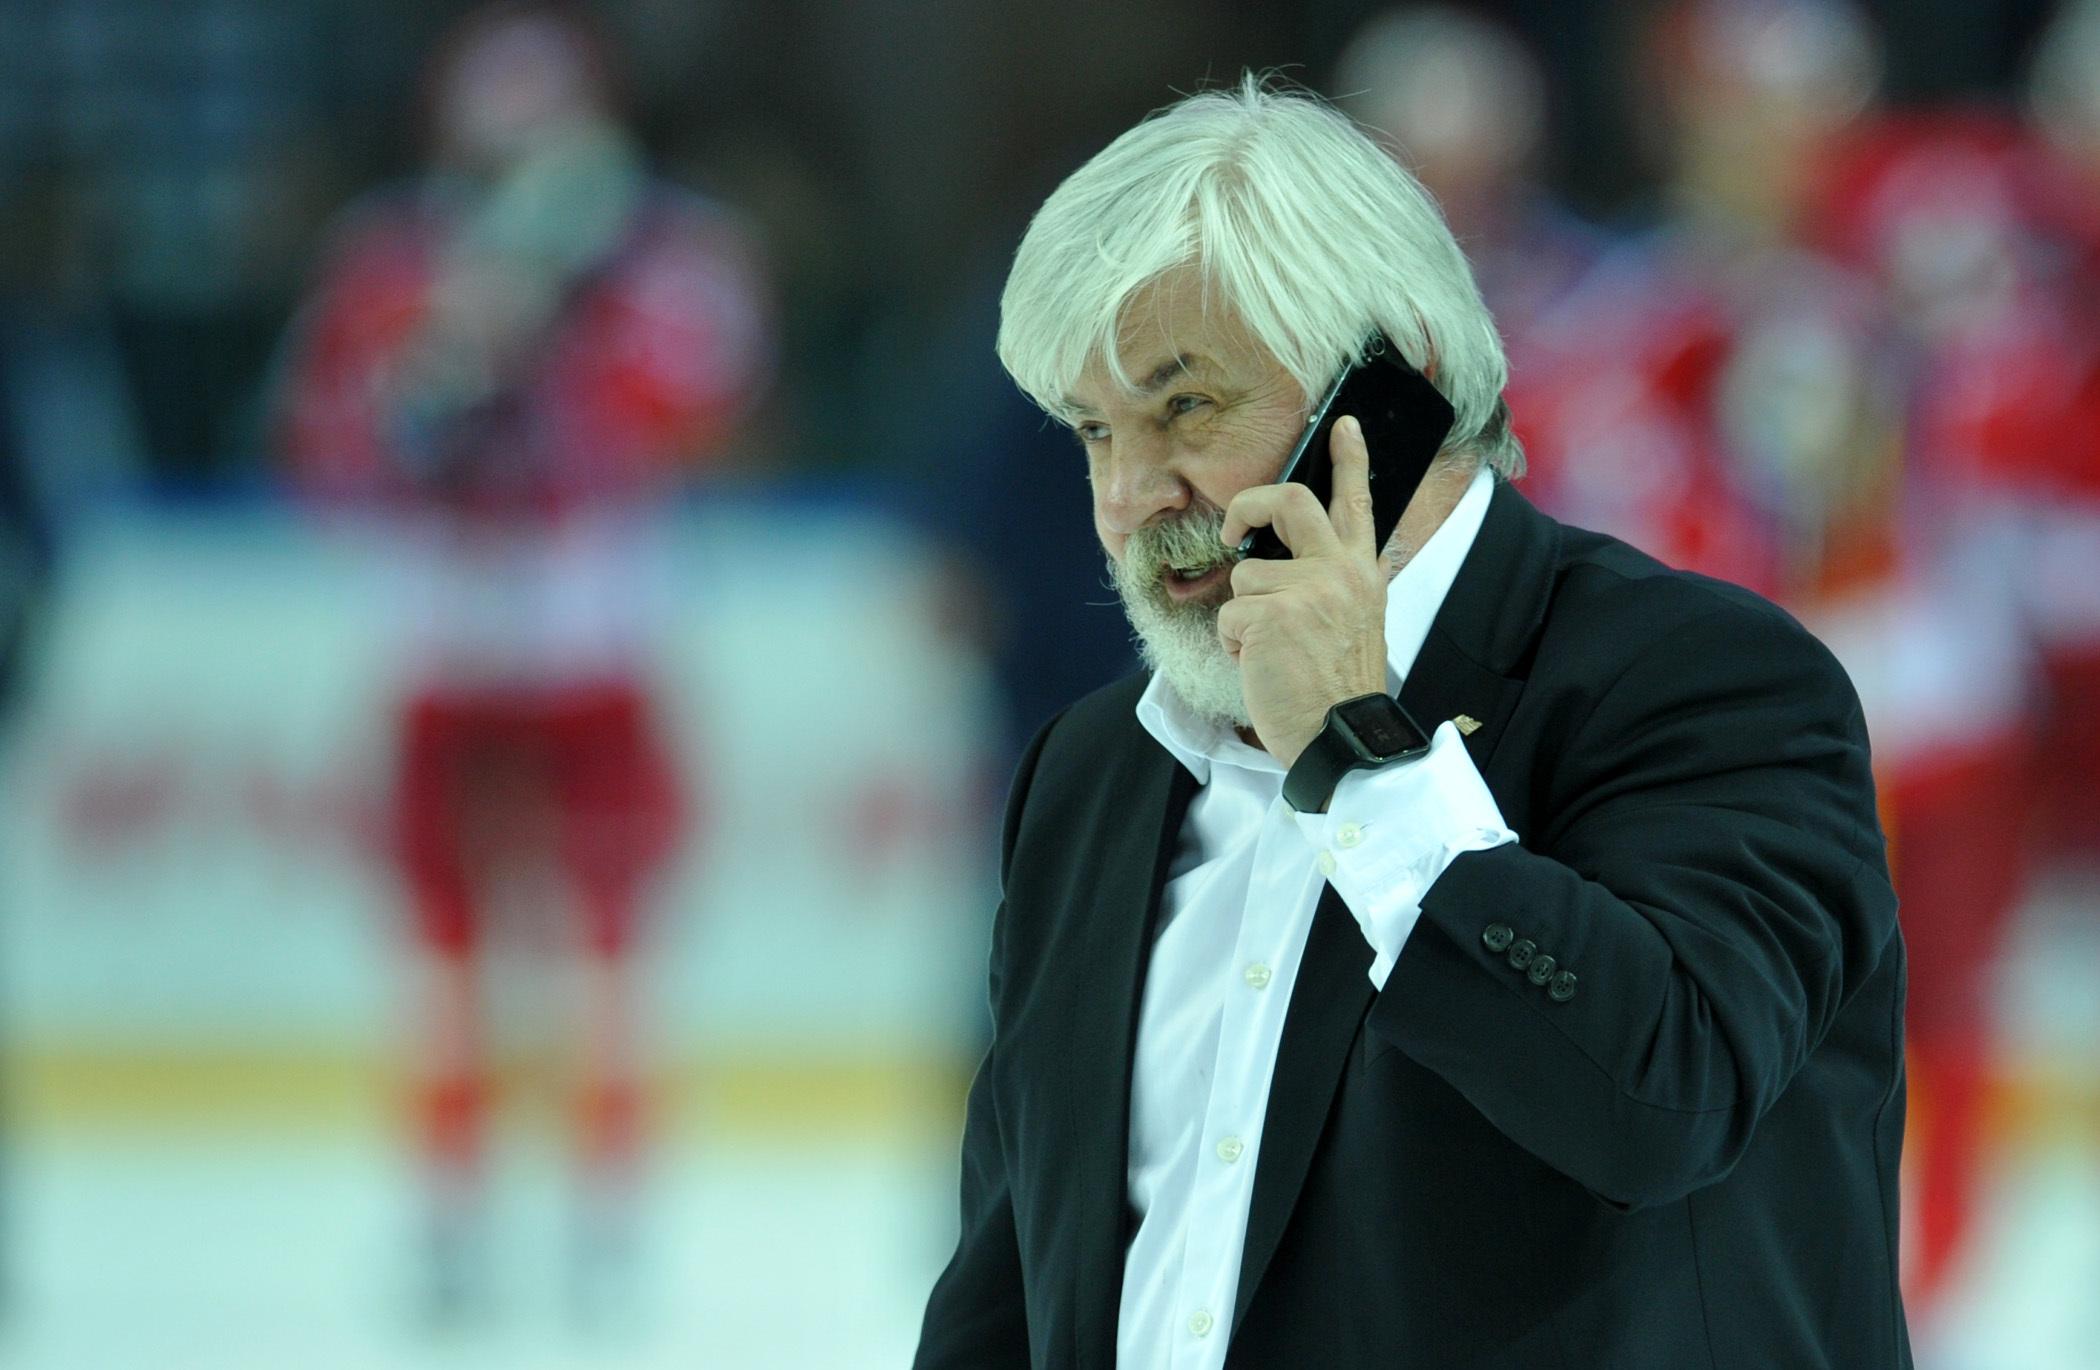 Величкин: российский игрок не должен считаться легионером в зарубежном клубе КХЛ